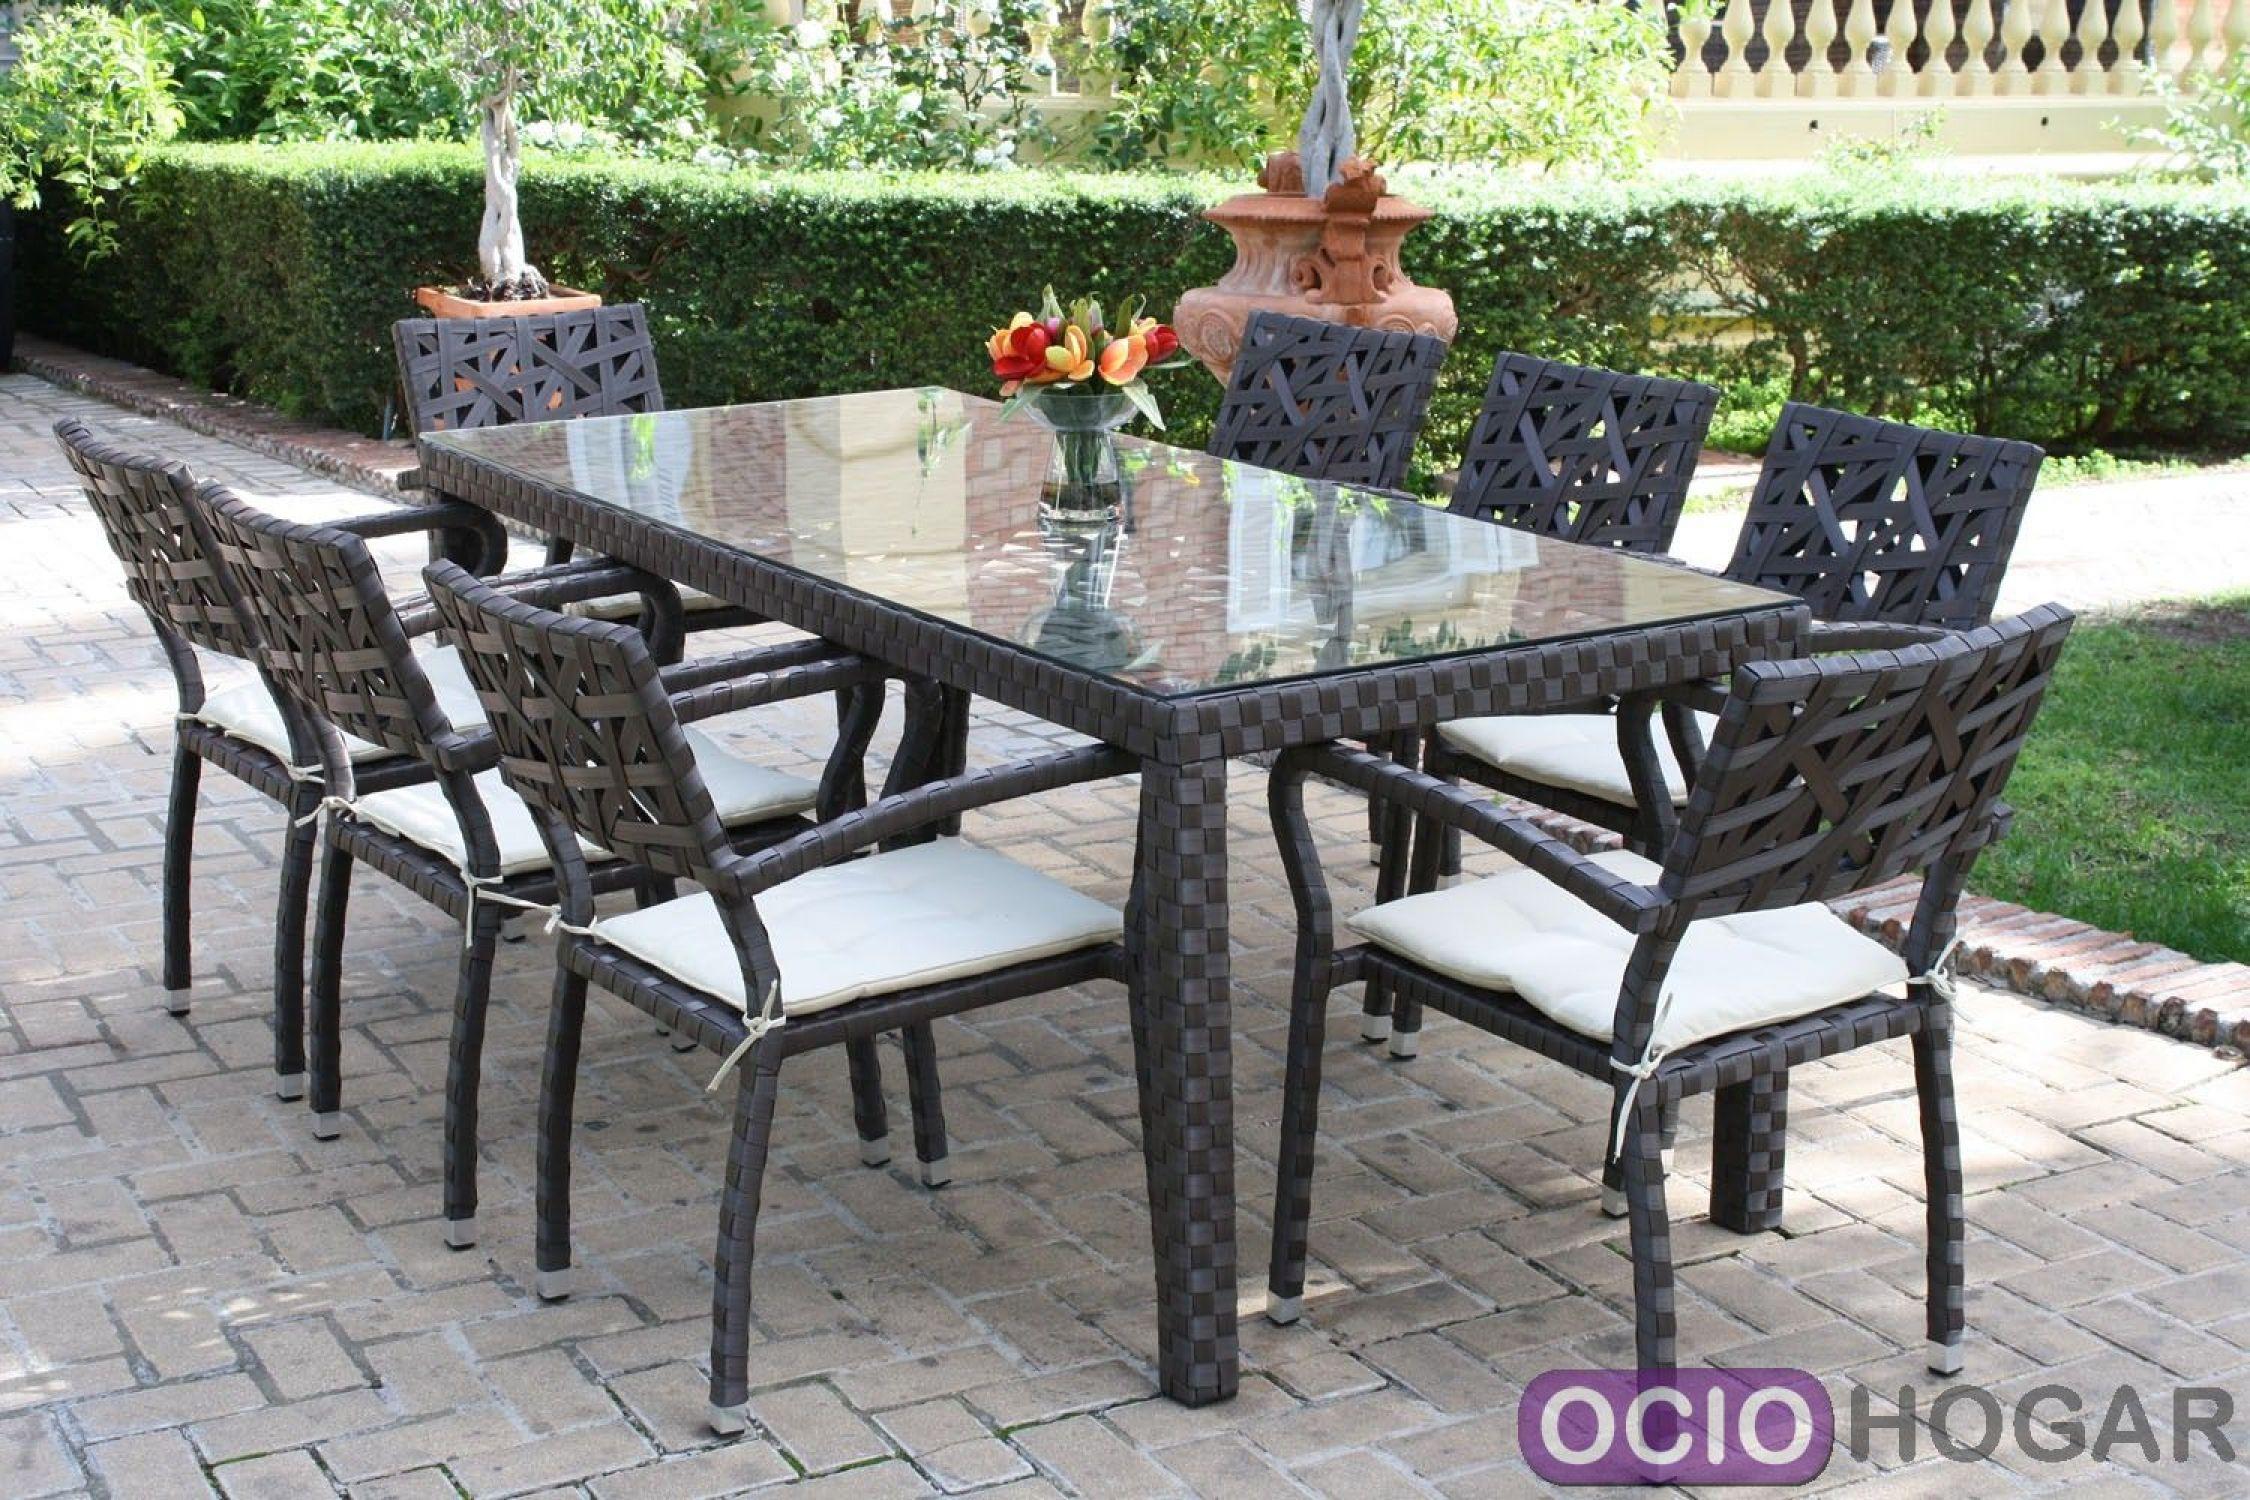 Mesa y sillas de jard n dely majestic garden for Mesa y sillas plastico jardin